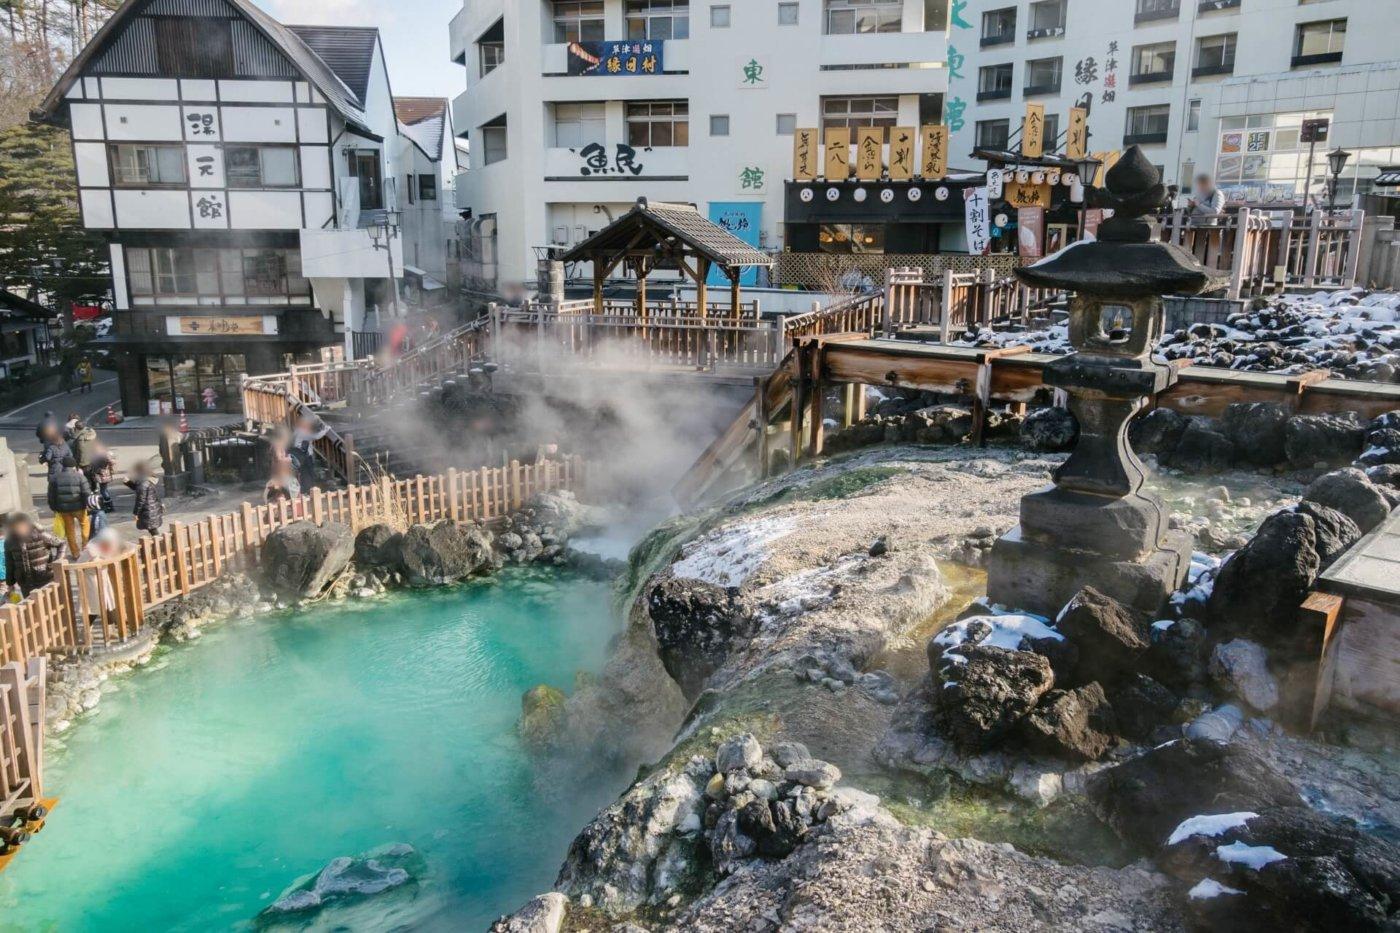 関東のツーリングでおすすめの温泉をご紹介!